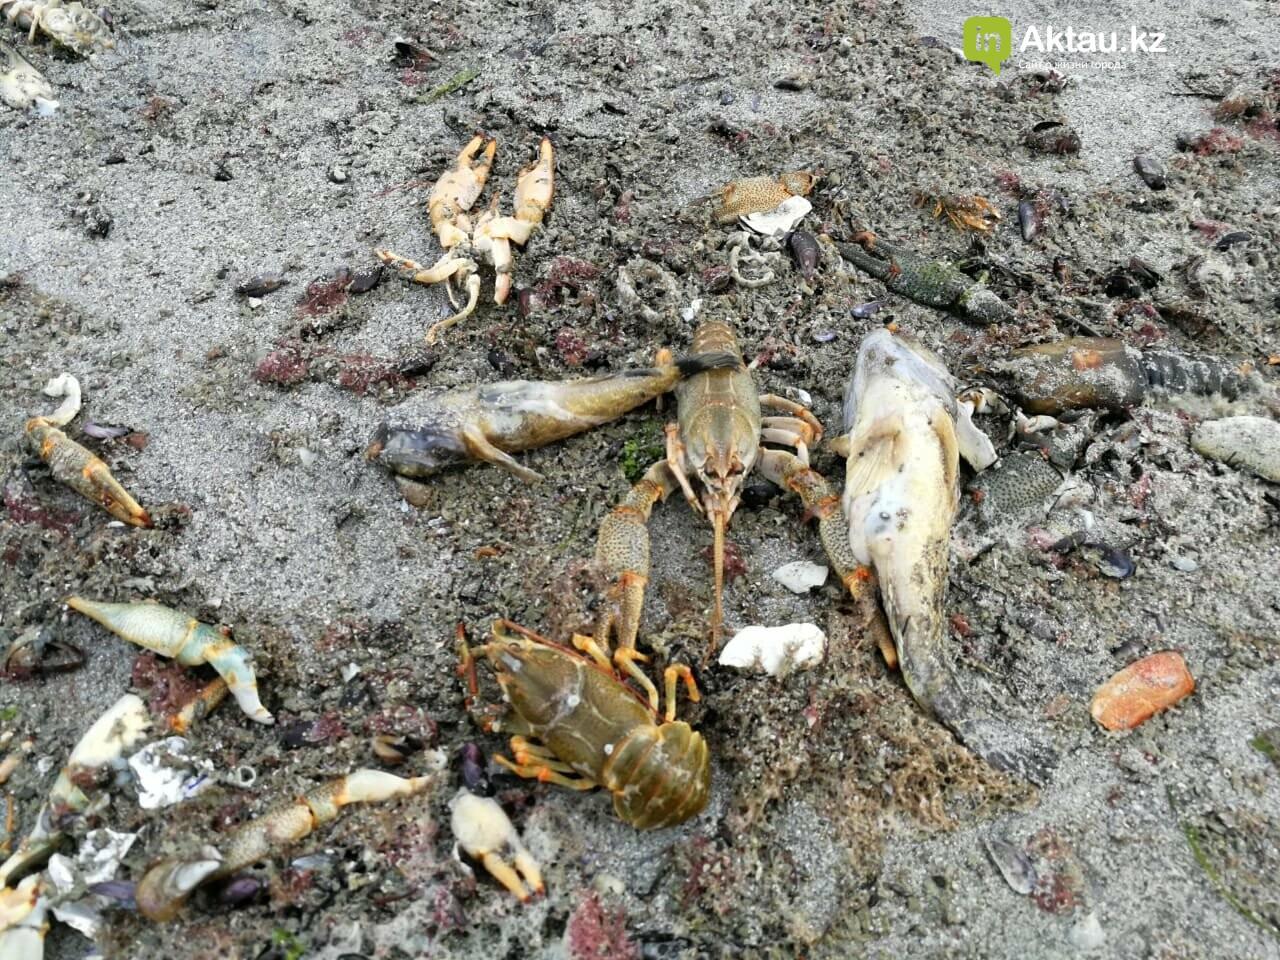 Мертвую рыбу и раков выбросило на побережье Актау (ВИДЕО), фото-7